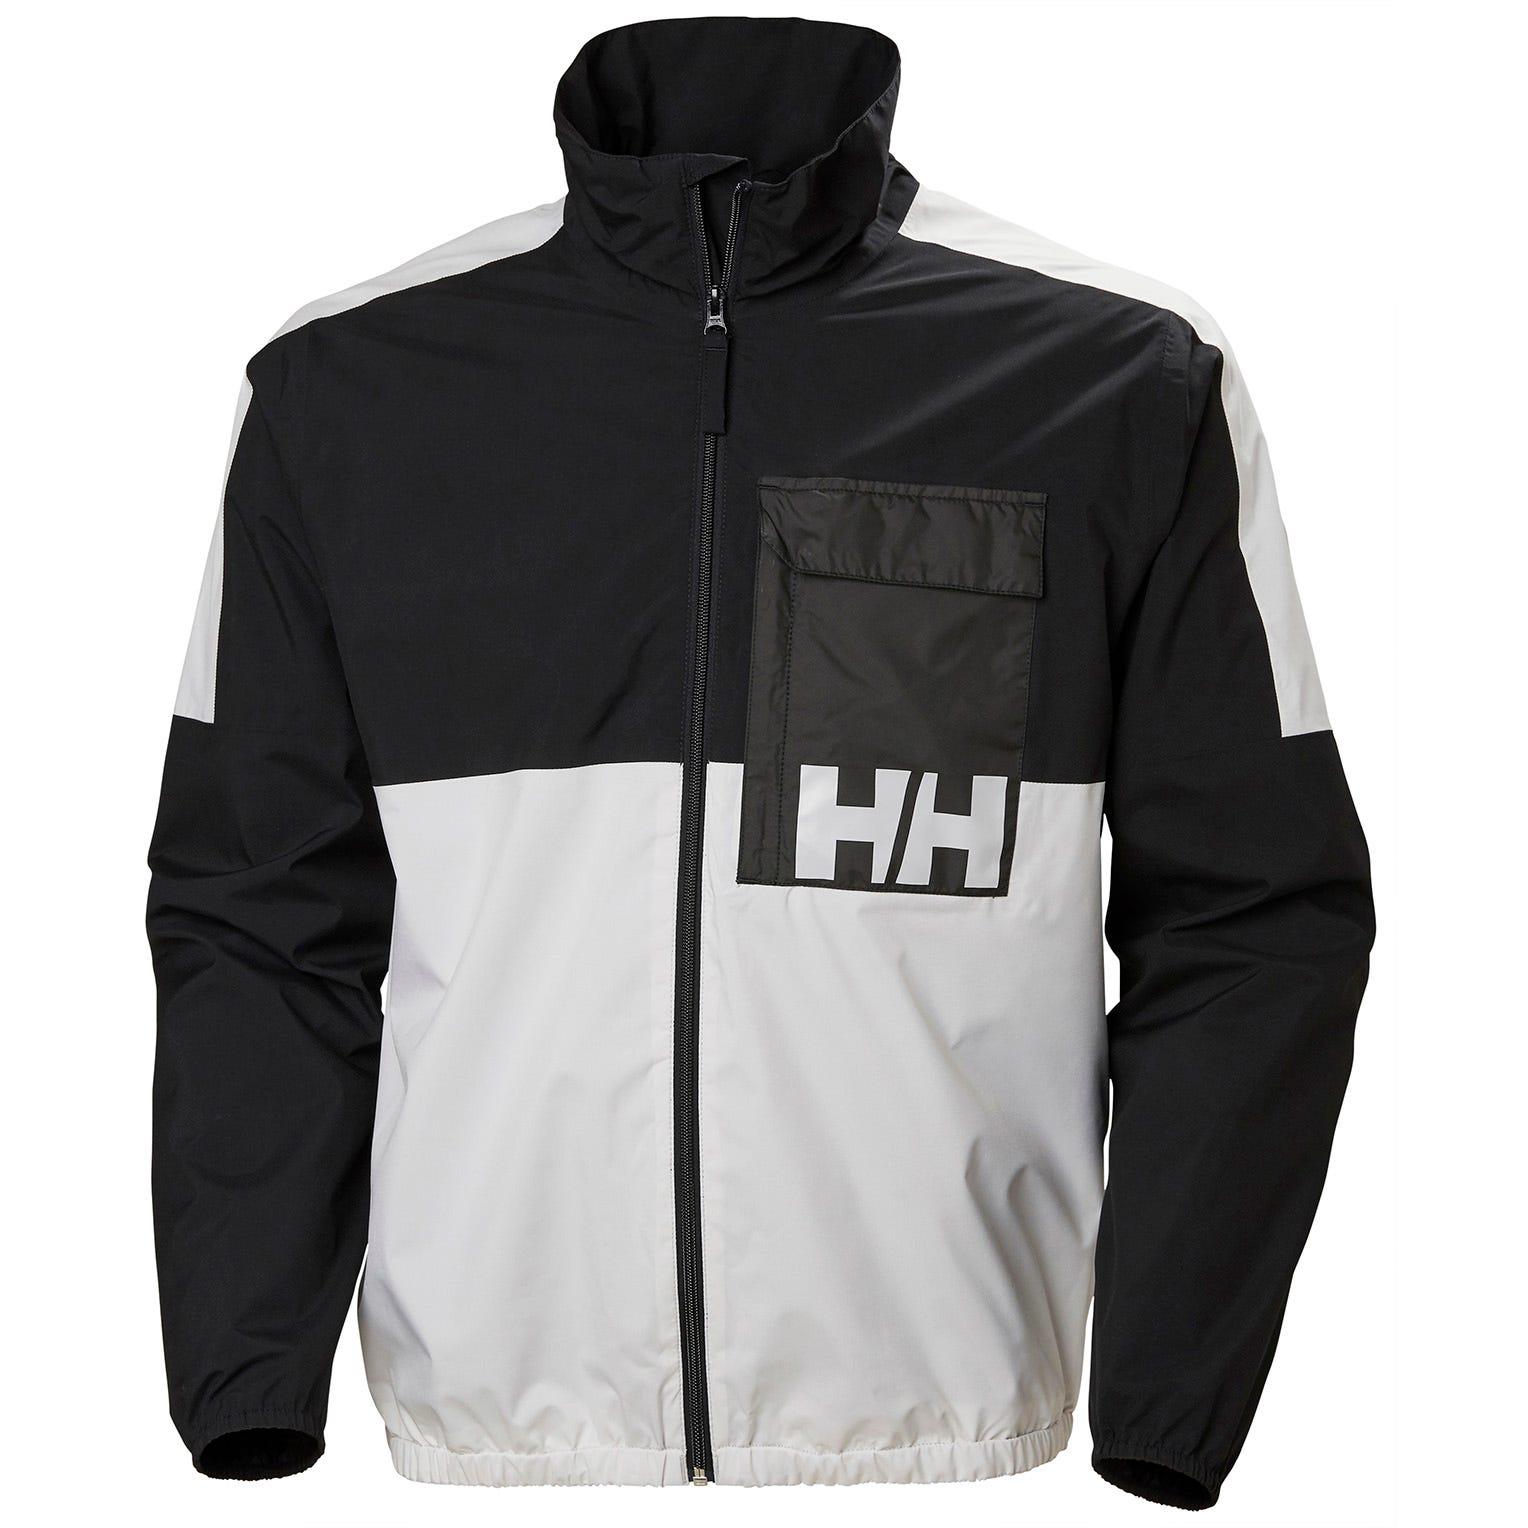 Helly Hansen Pc Rain Jacket Mens Black XXL